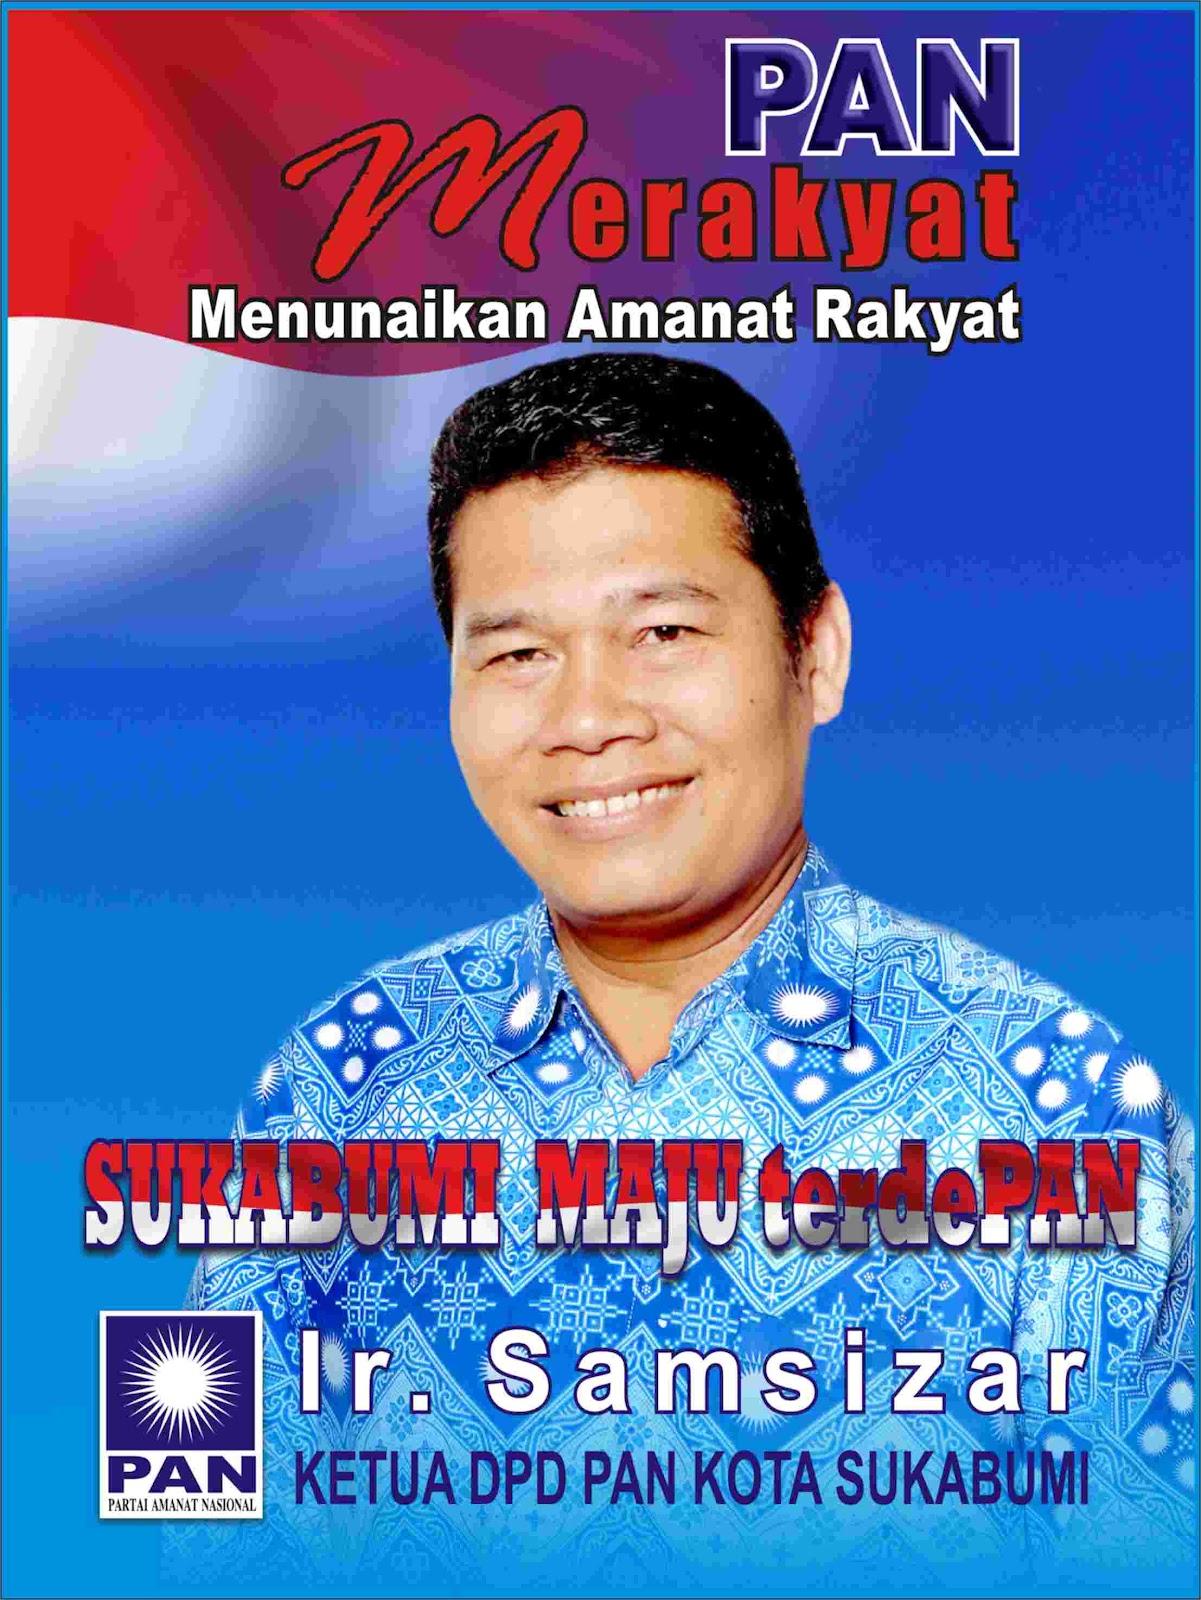 http://d-scene.blogspot.com/2011/05/pengertian-ilmu-pendidikan-islam ...